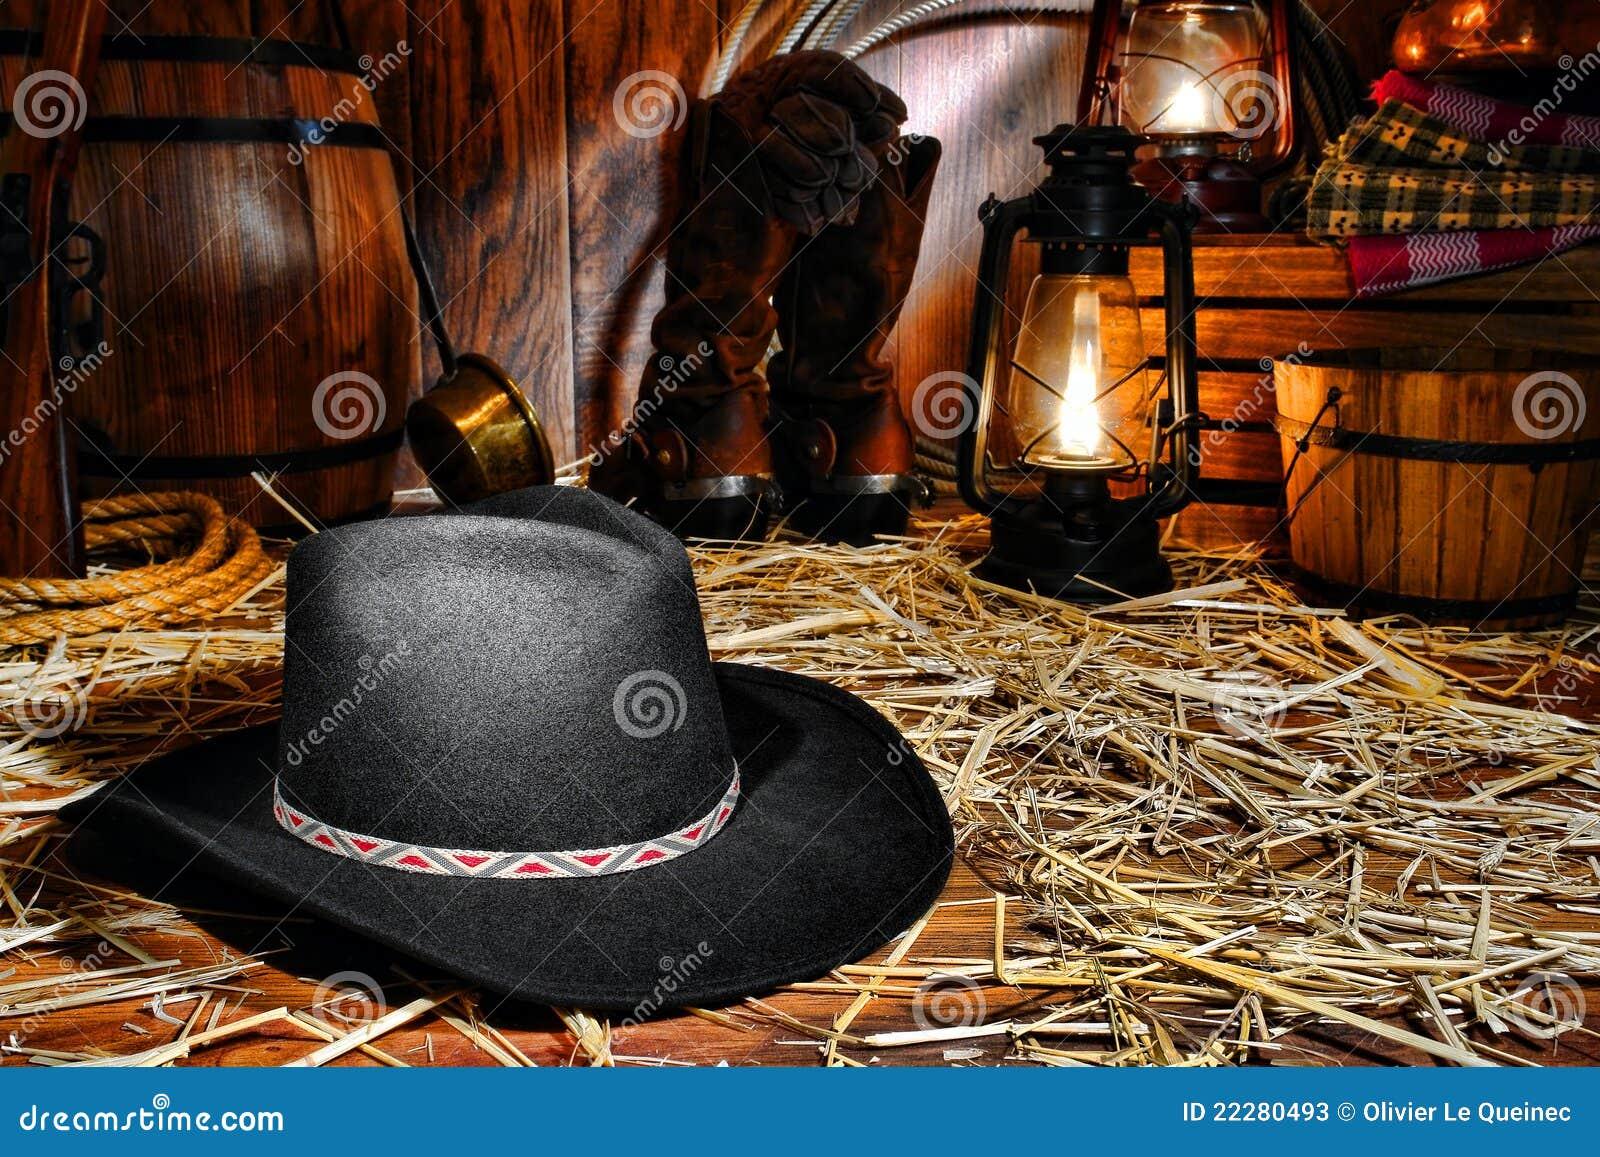 ea94eb7d70009 Sombrero de fieltro negro tradicional del vaquero del oeste americano del  rodeo en suelo de madera cubierto paja en un granero del rancho de la  vendimia con ...